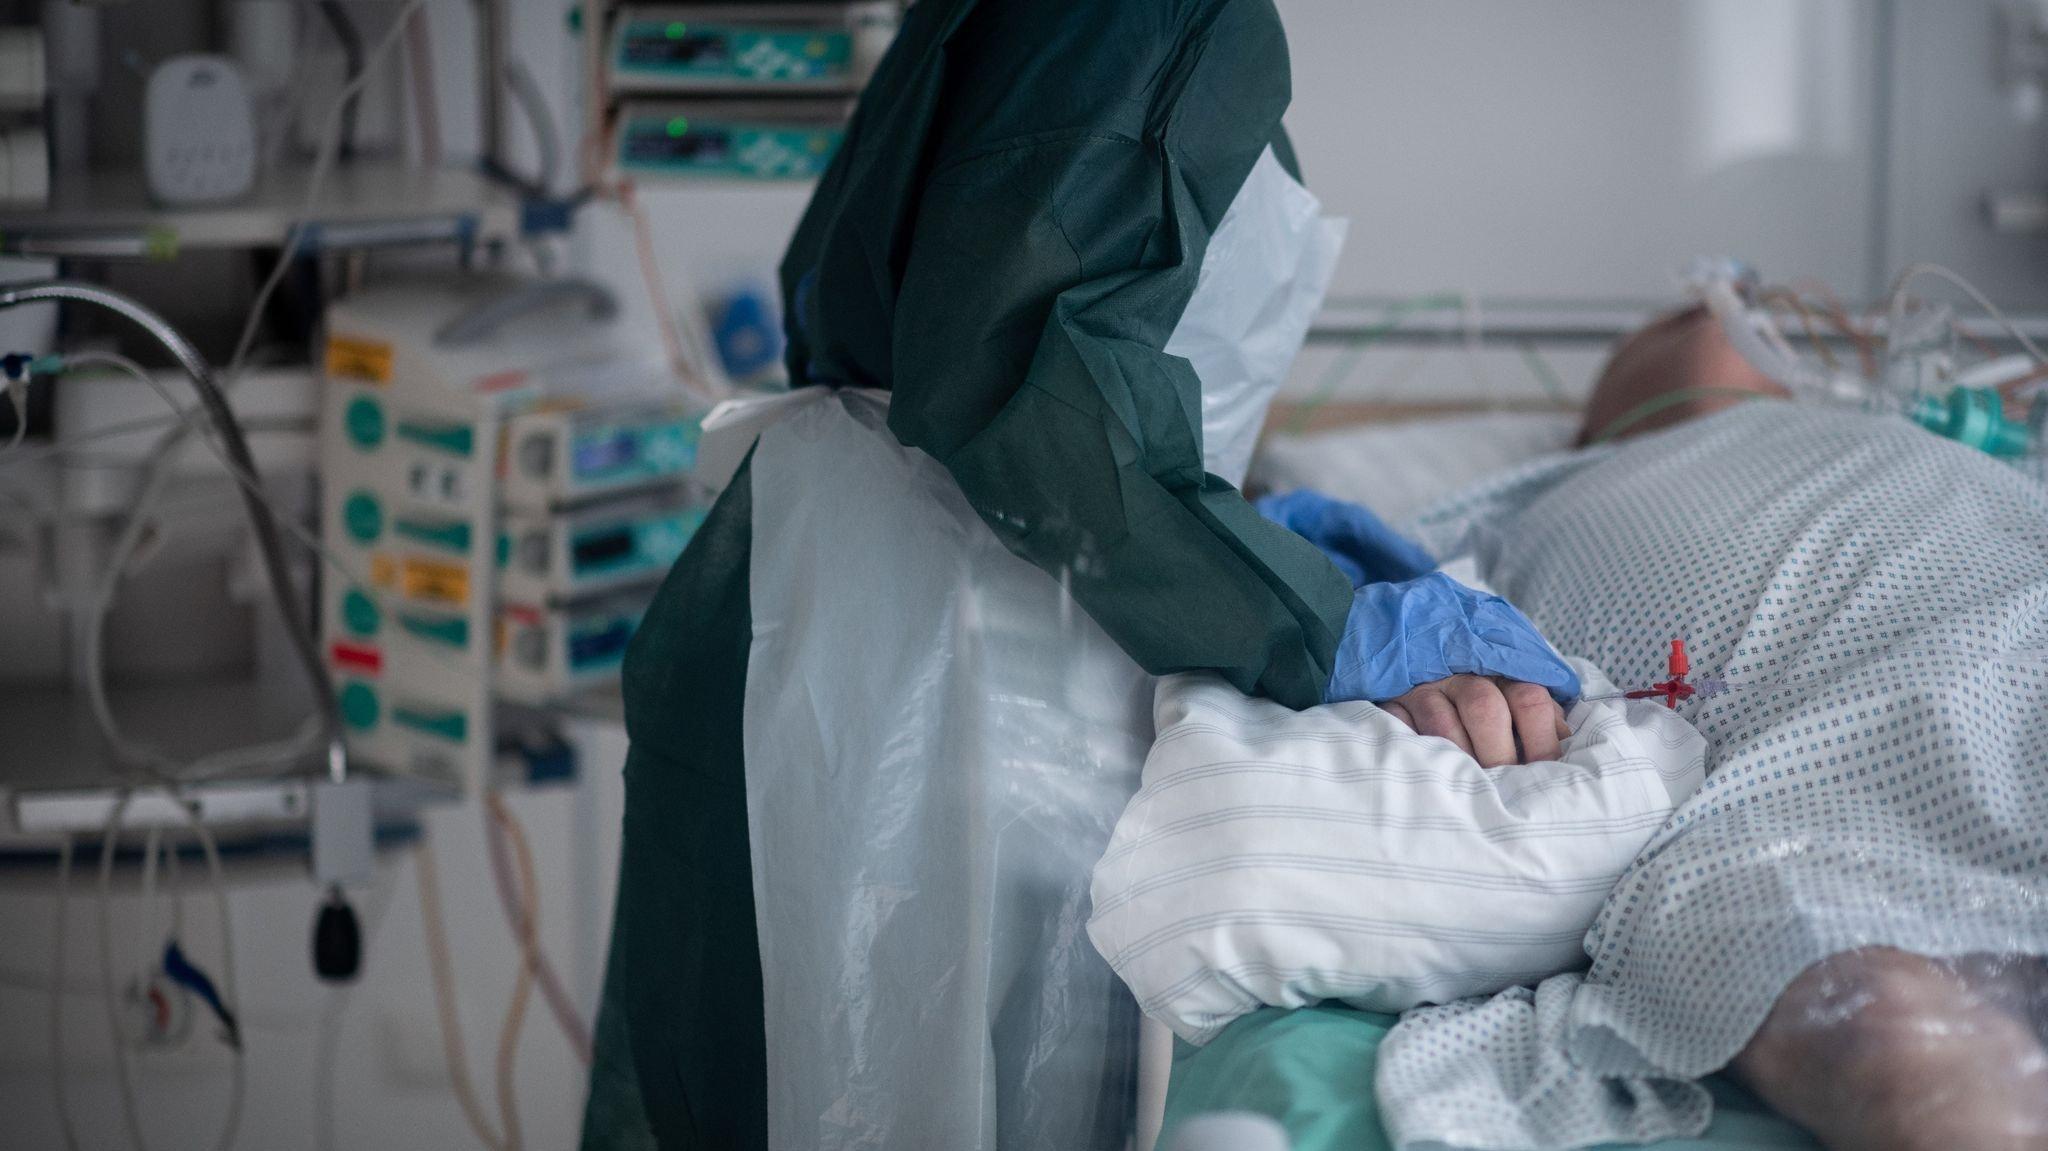 Eine Mitarbeiterin der Pflege in Schutzausrüstung betreut einen Corona-Patienten. Symbolfoto: dpa